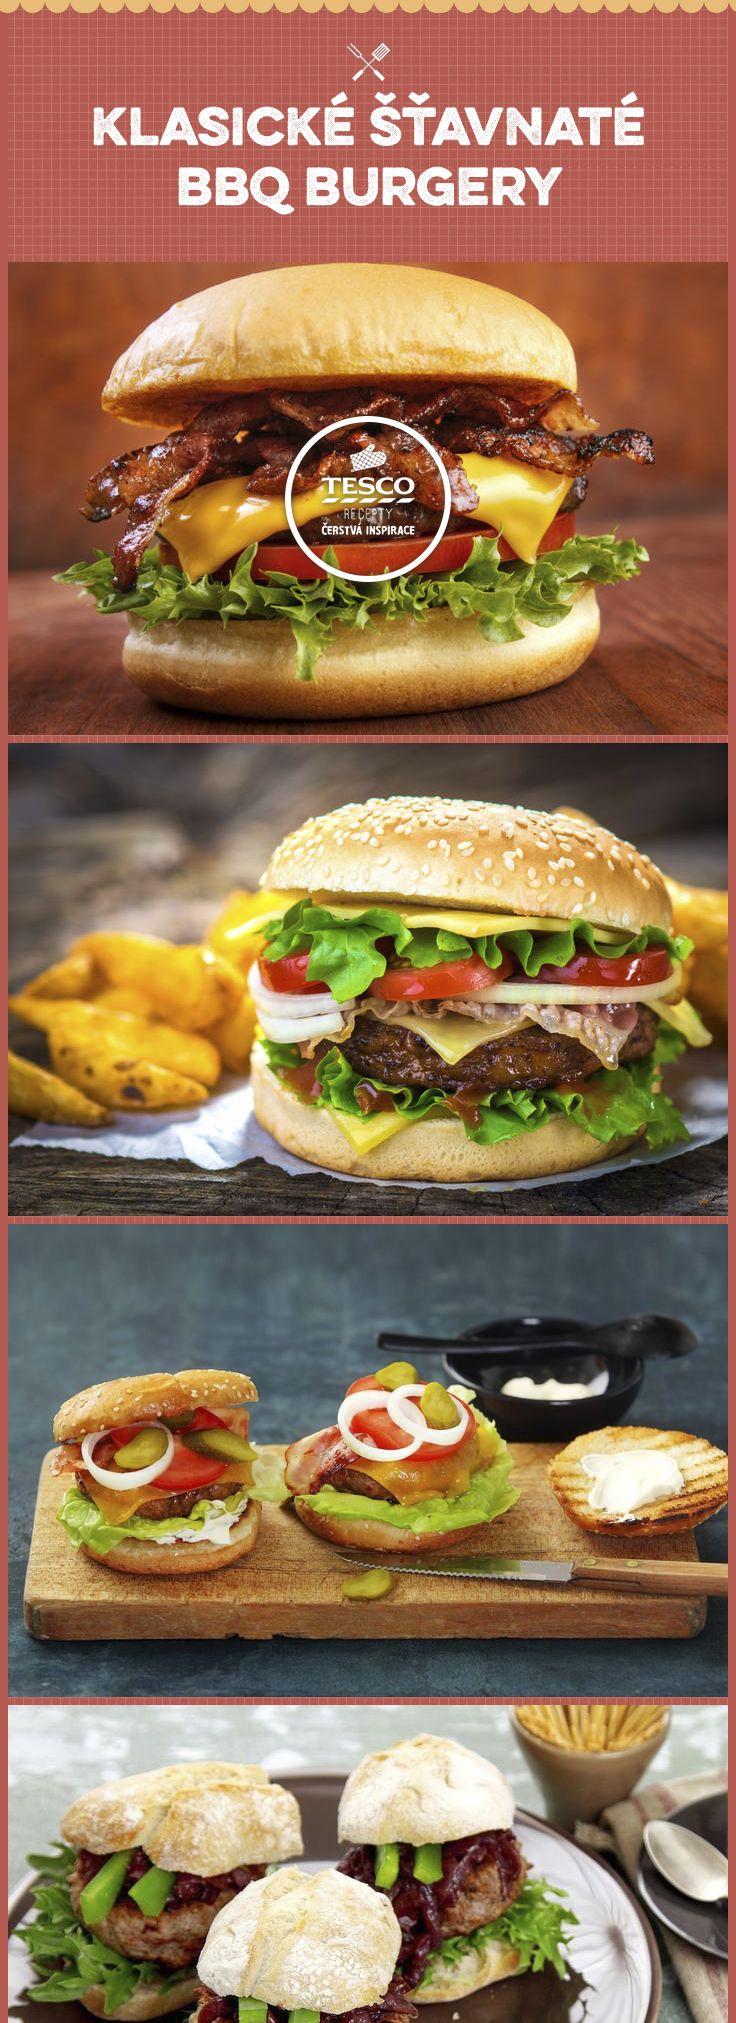 Připravte si klasický šťavnatý BBQ burger